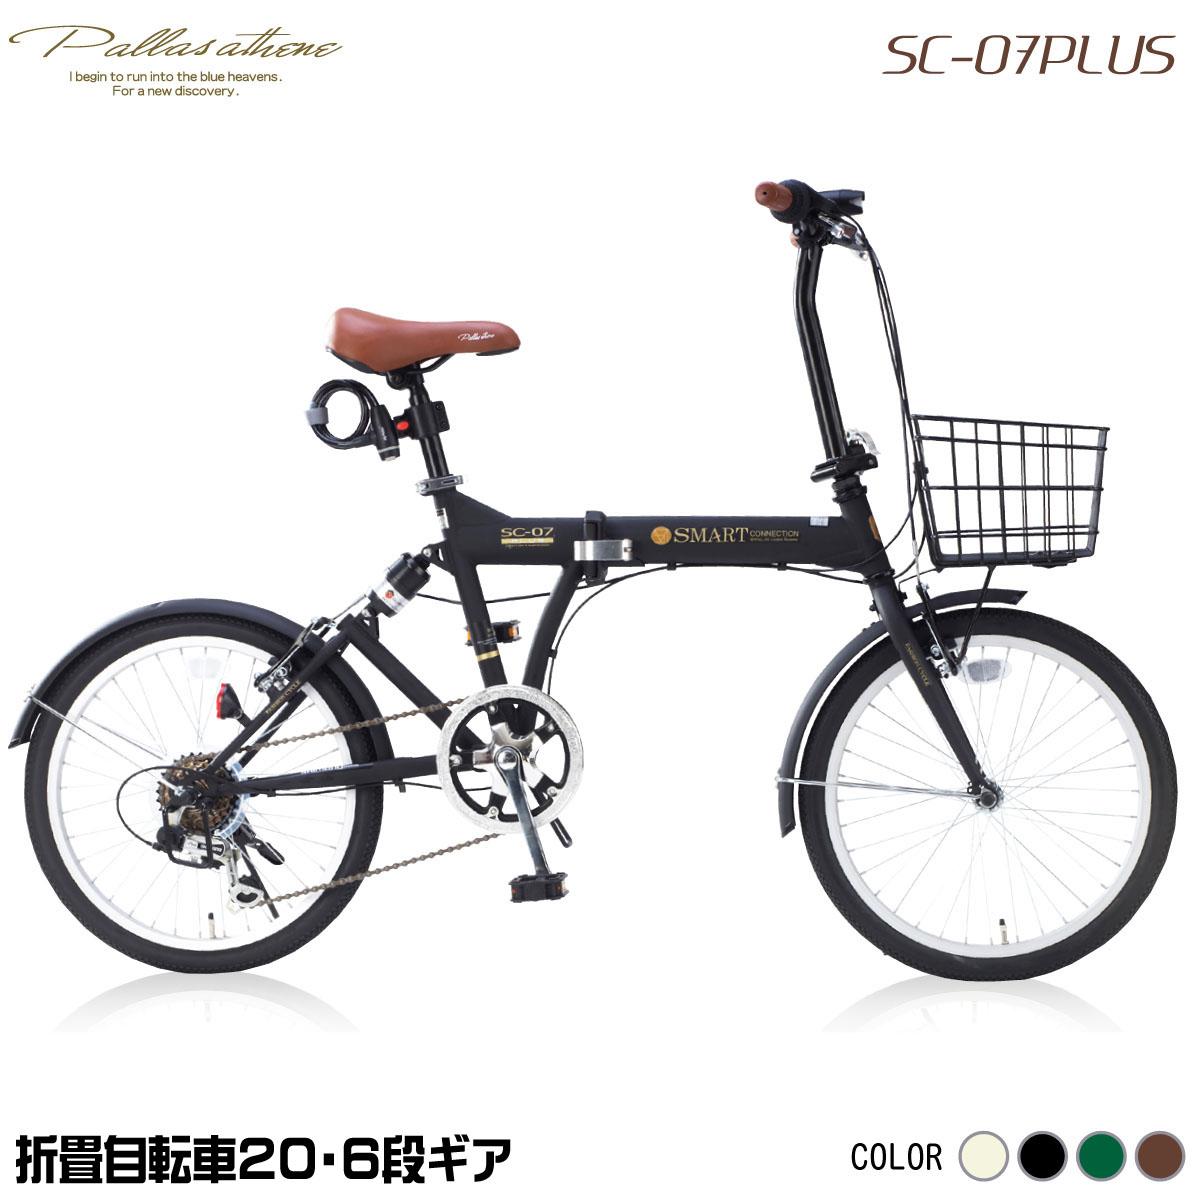 マイパラス SC-07PLUS-BK マットブラック [折りたたみ自転車(20インチ・6段変速)] 【同梱配送不可】【代引き・後払い決済不可】【本州以外の配送不可】